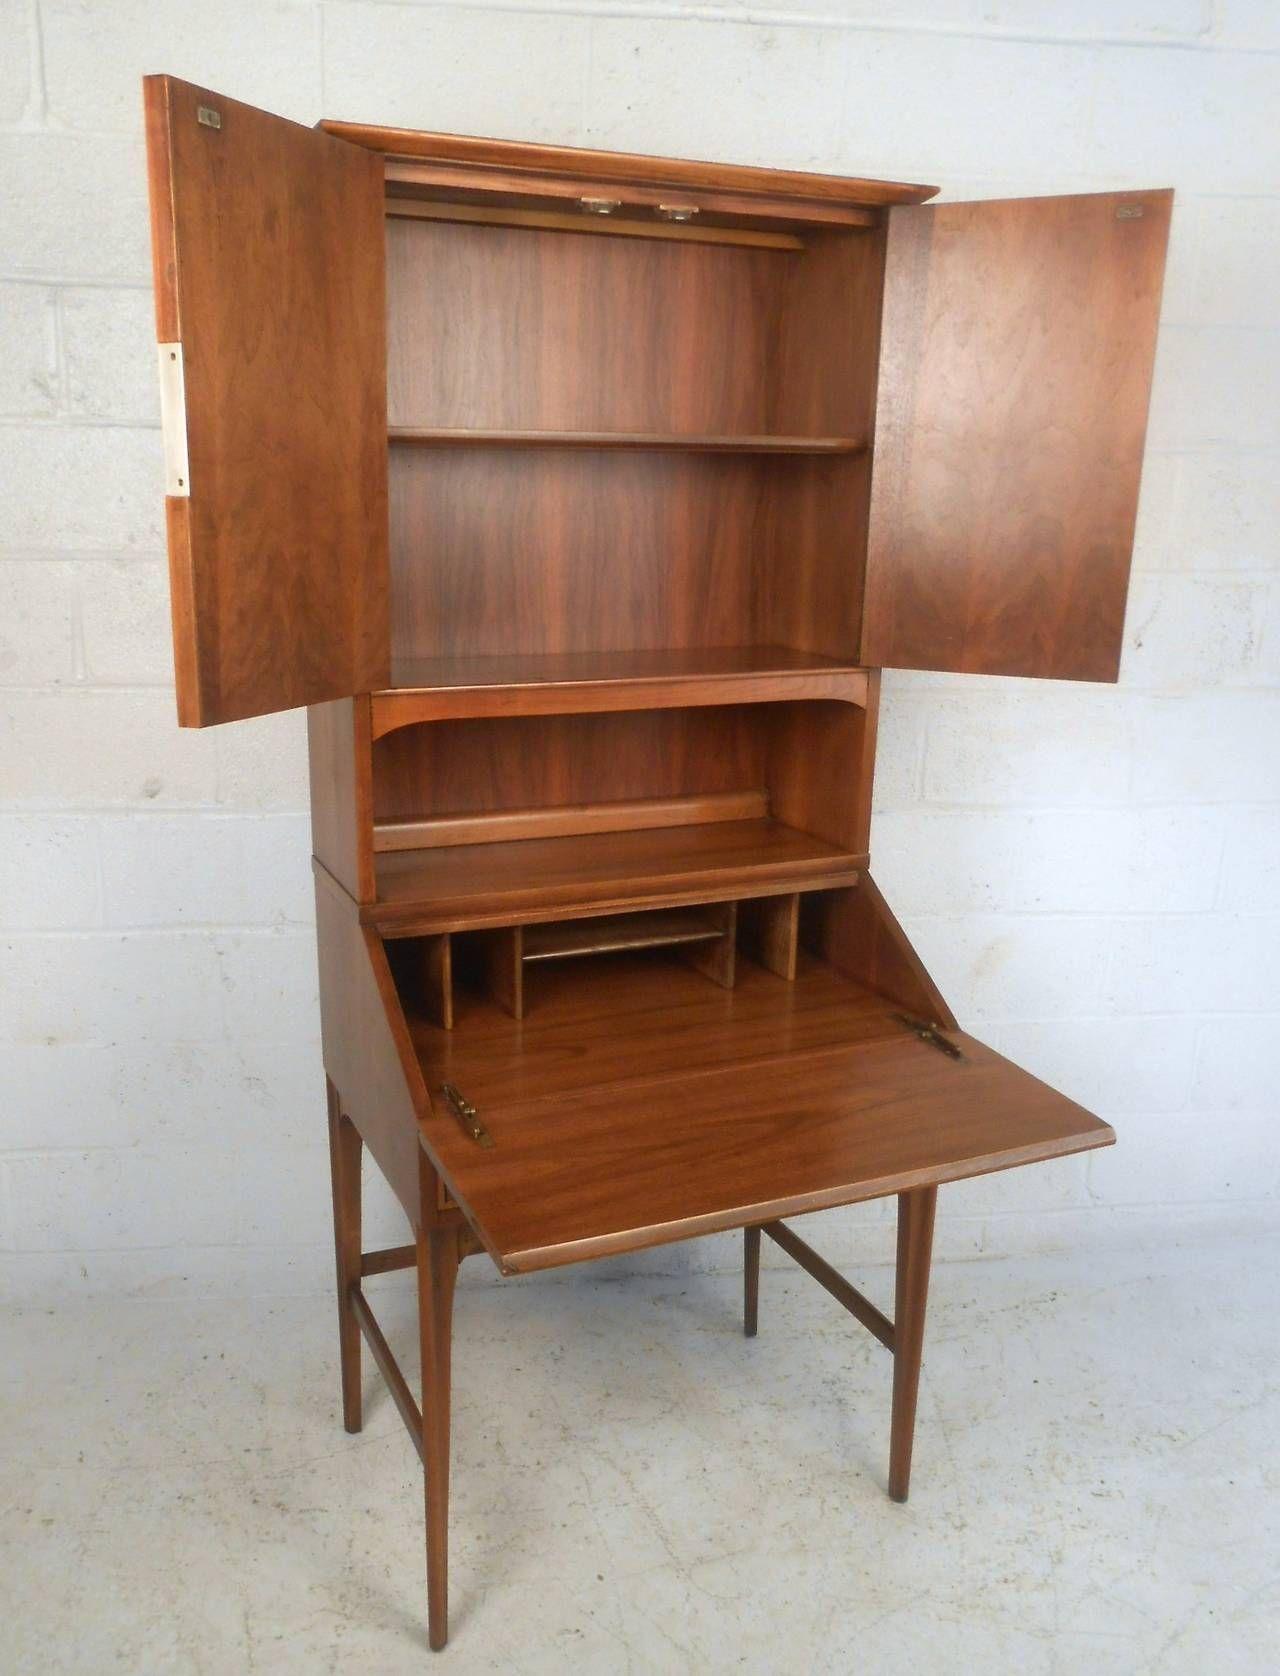 Pin On Secretary Desk Book Case Designs